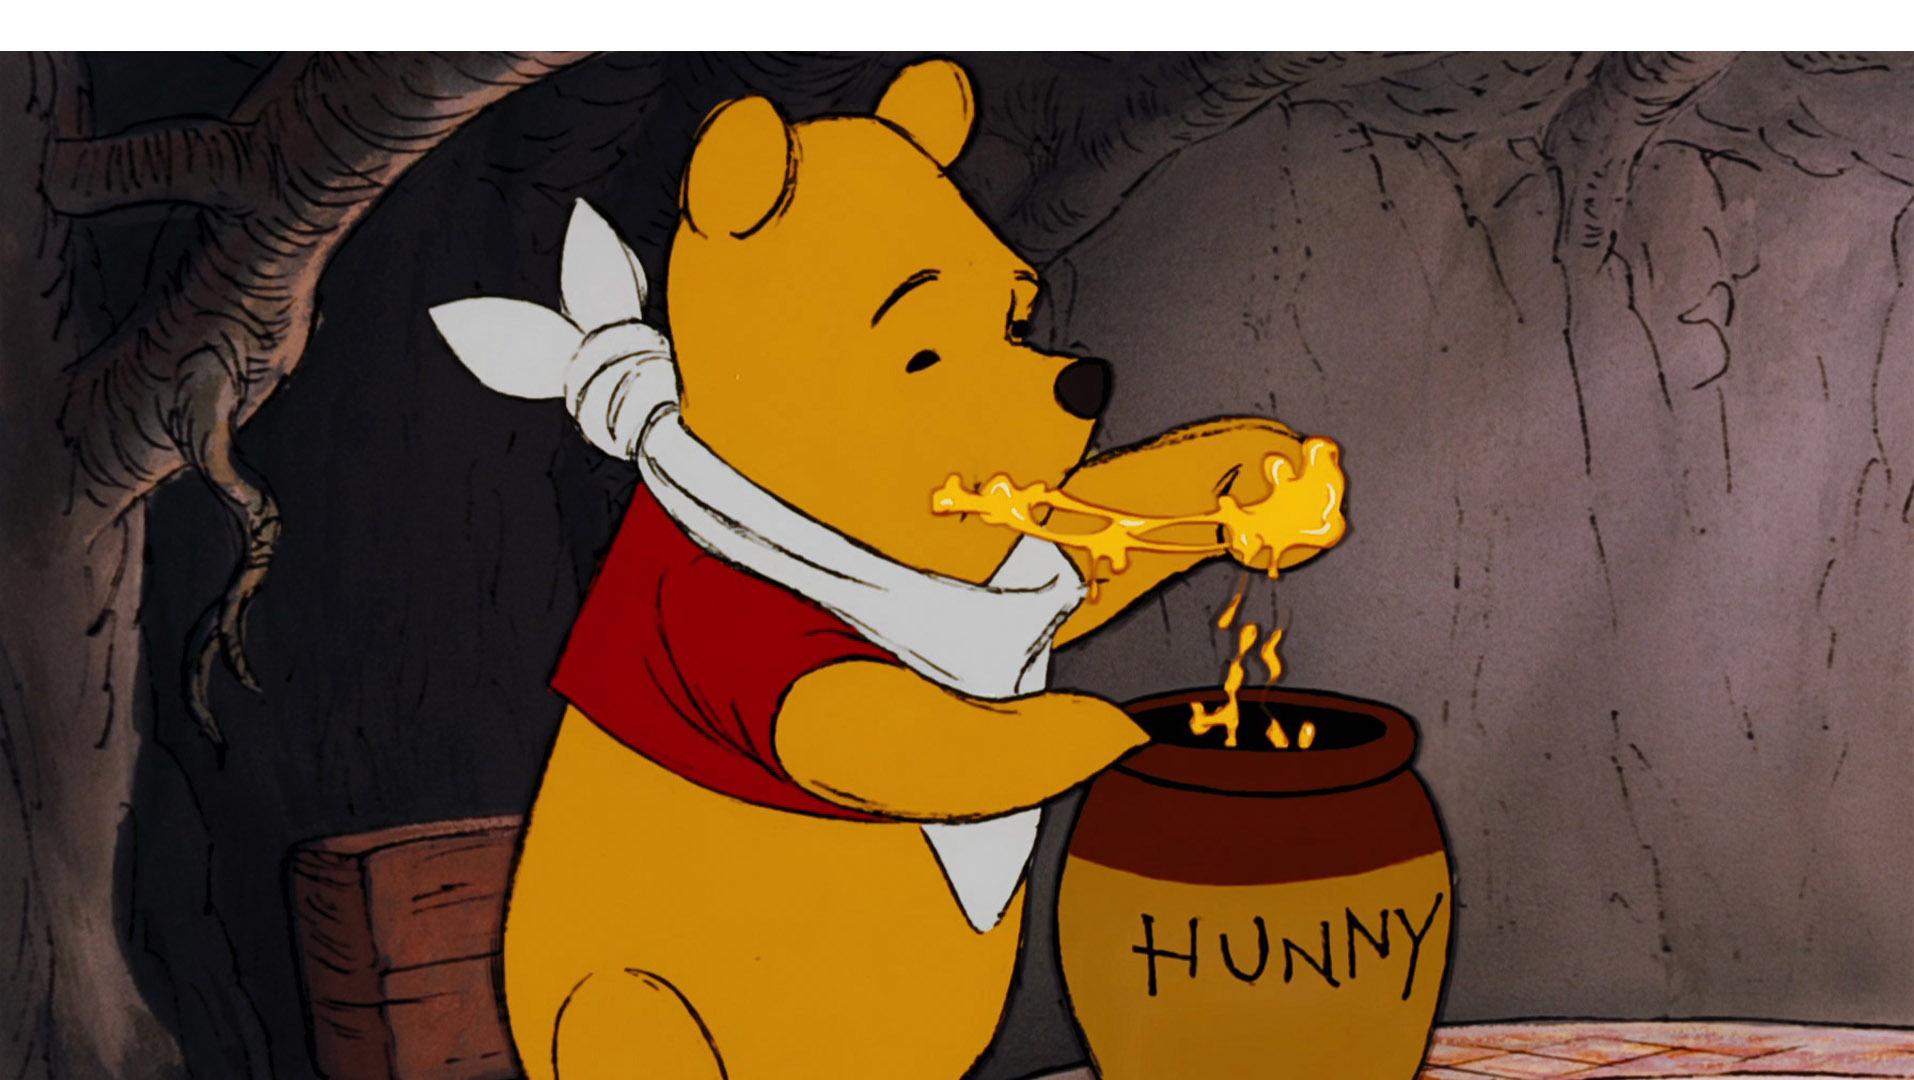 Siempre vemos a los conejos comiendo zanahorias o a los osos comiendo miel, pero en realidad no es así